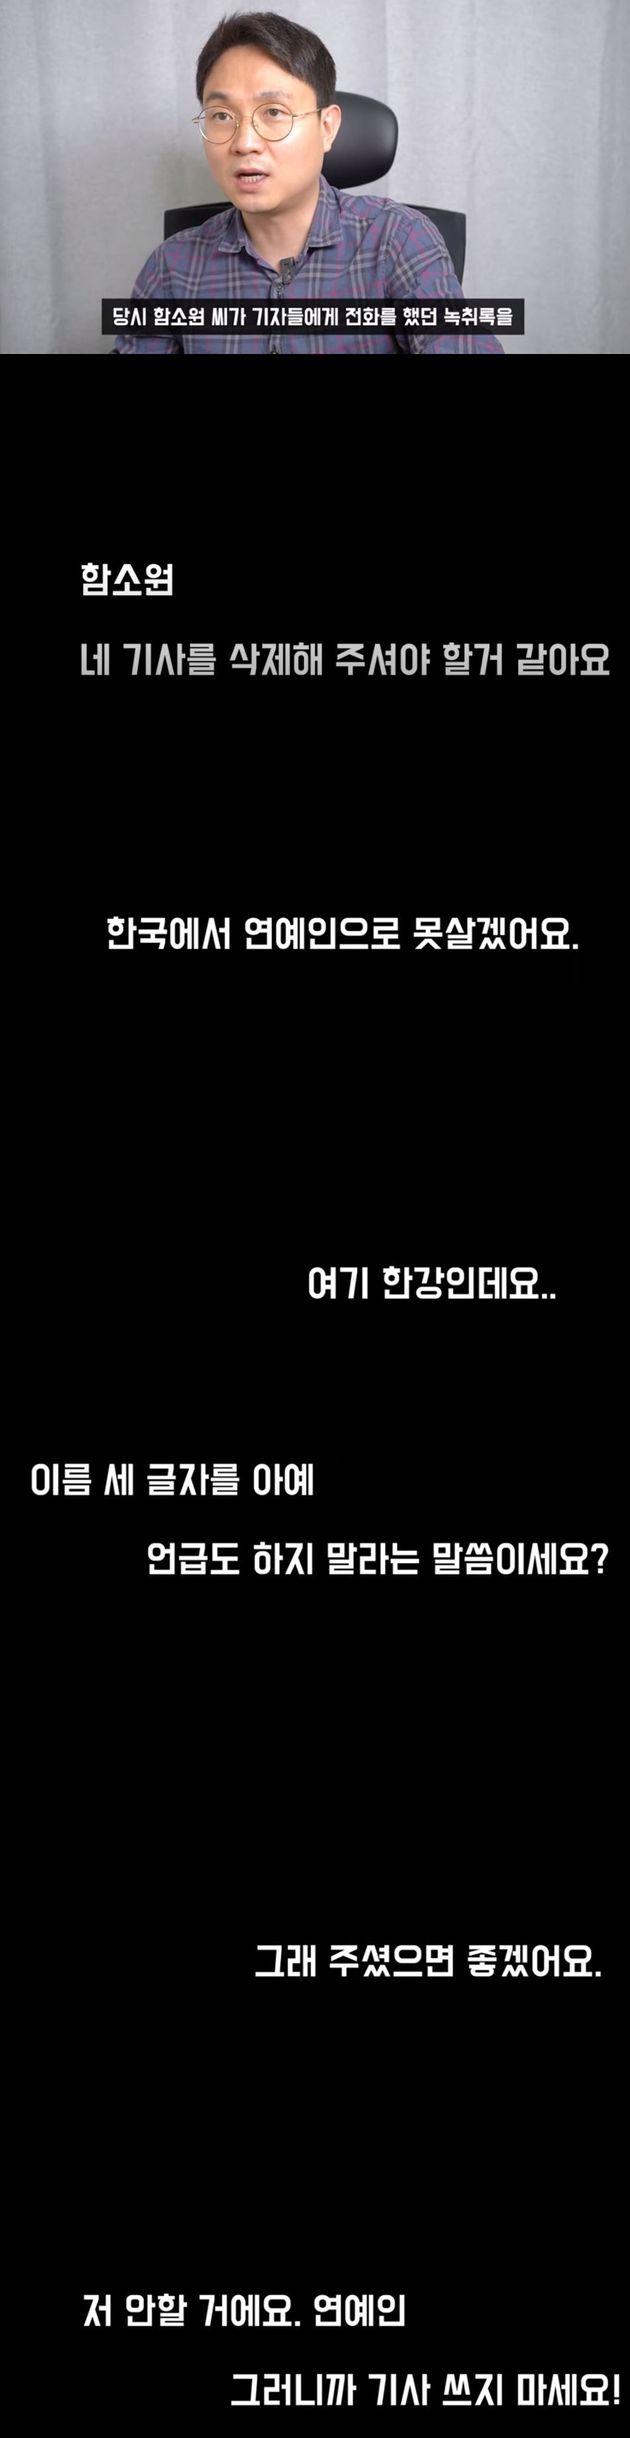 유튜브 채널 '연예뒤통령 이진호' 영상